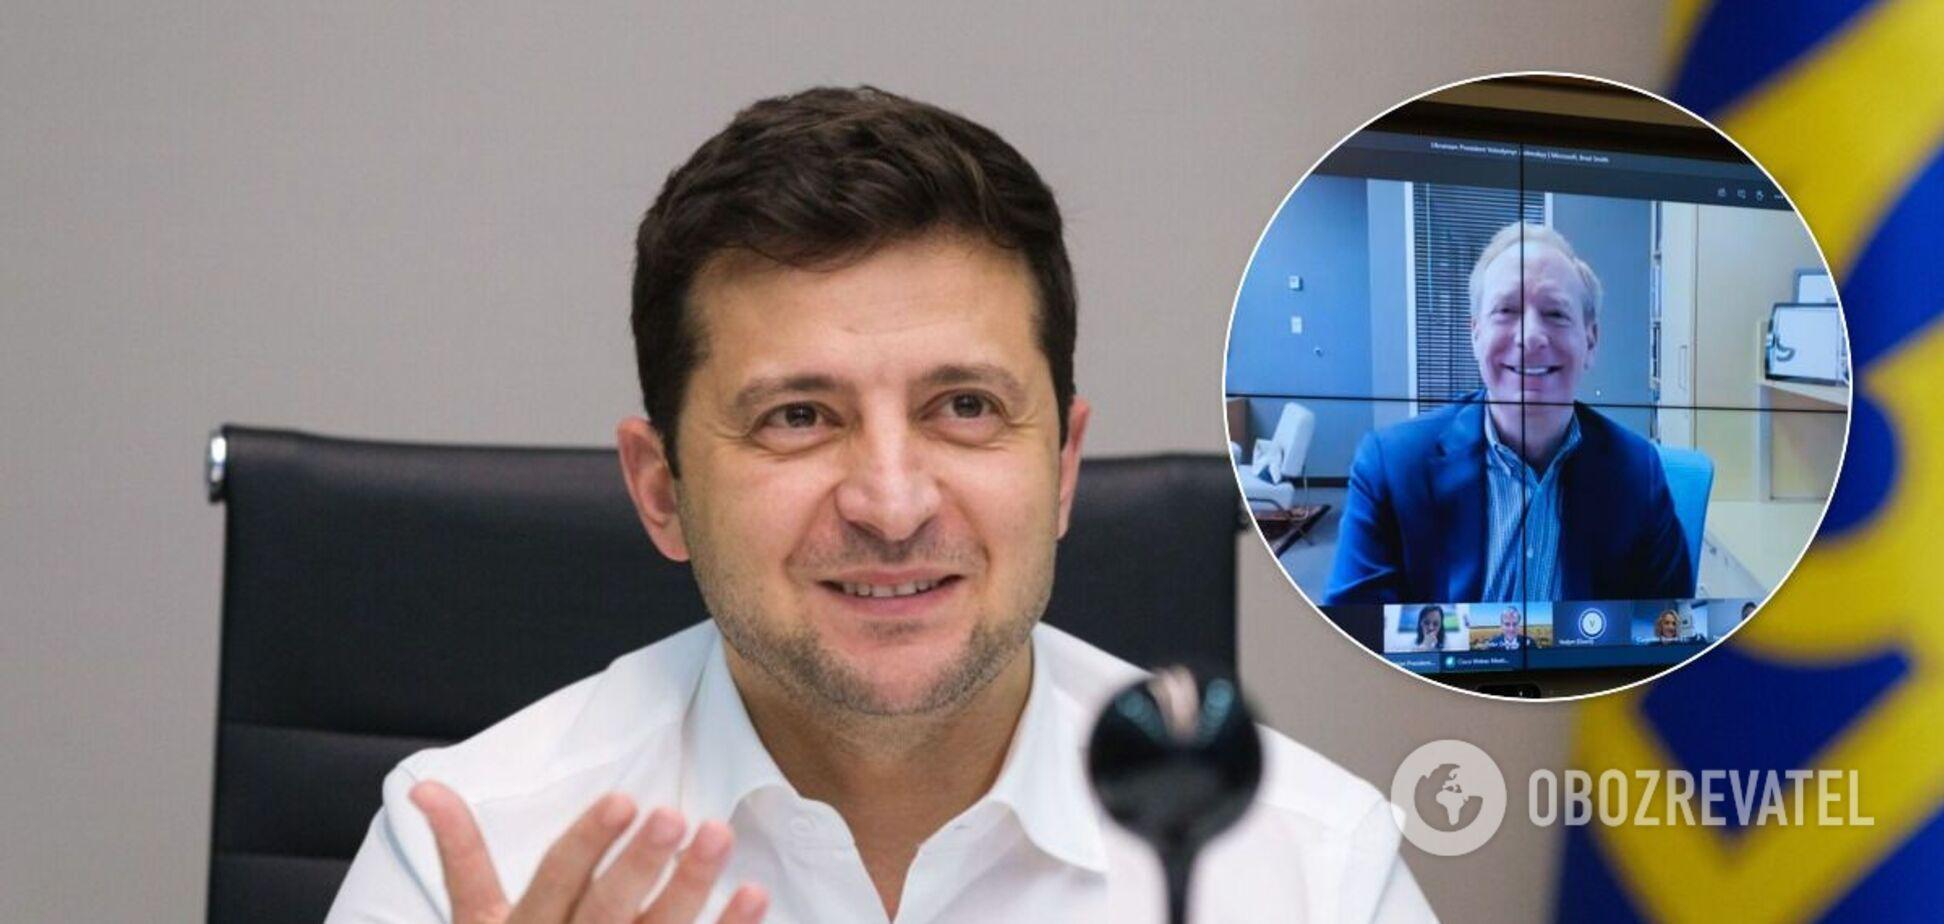 Зеленський провів переговори з президентом Microsoft